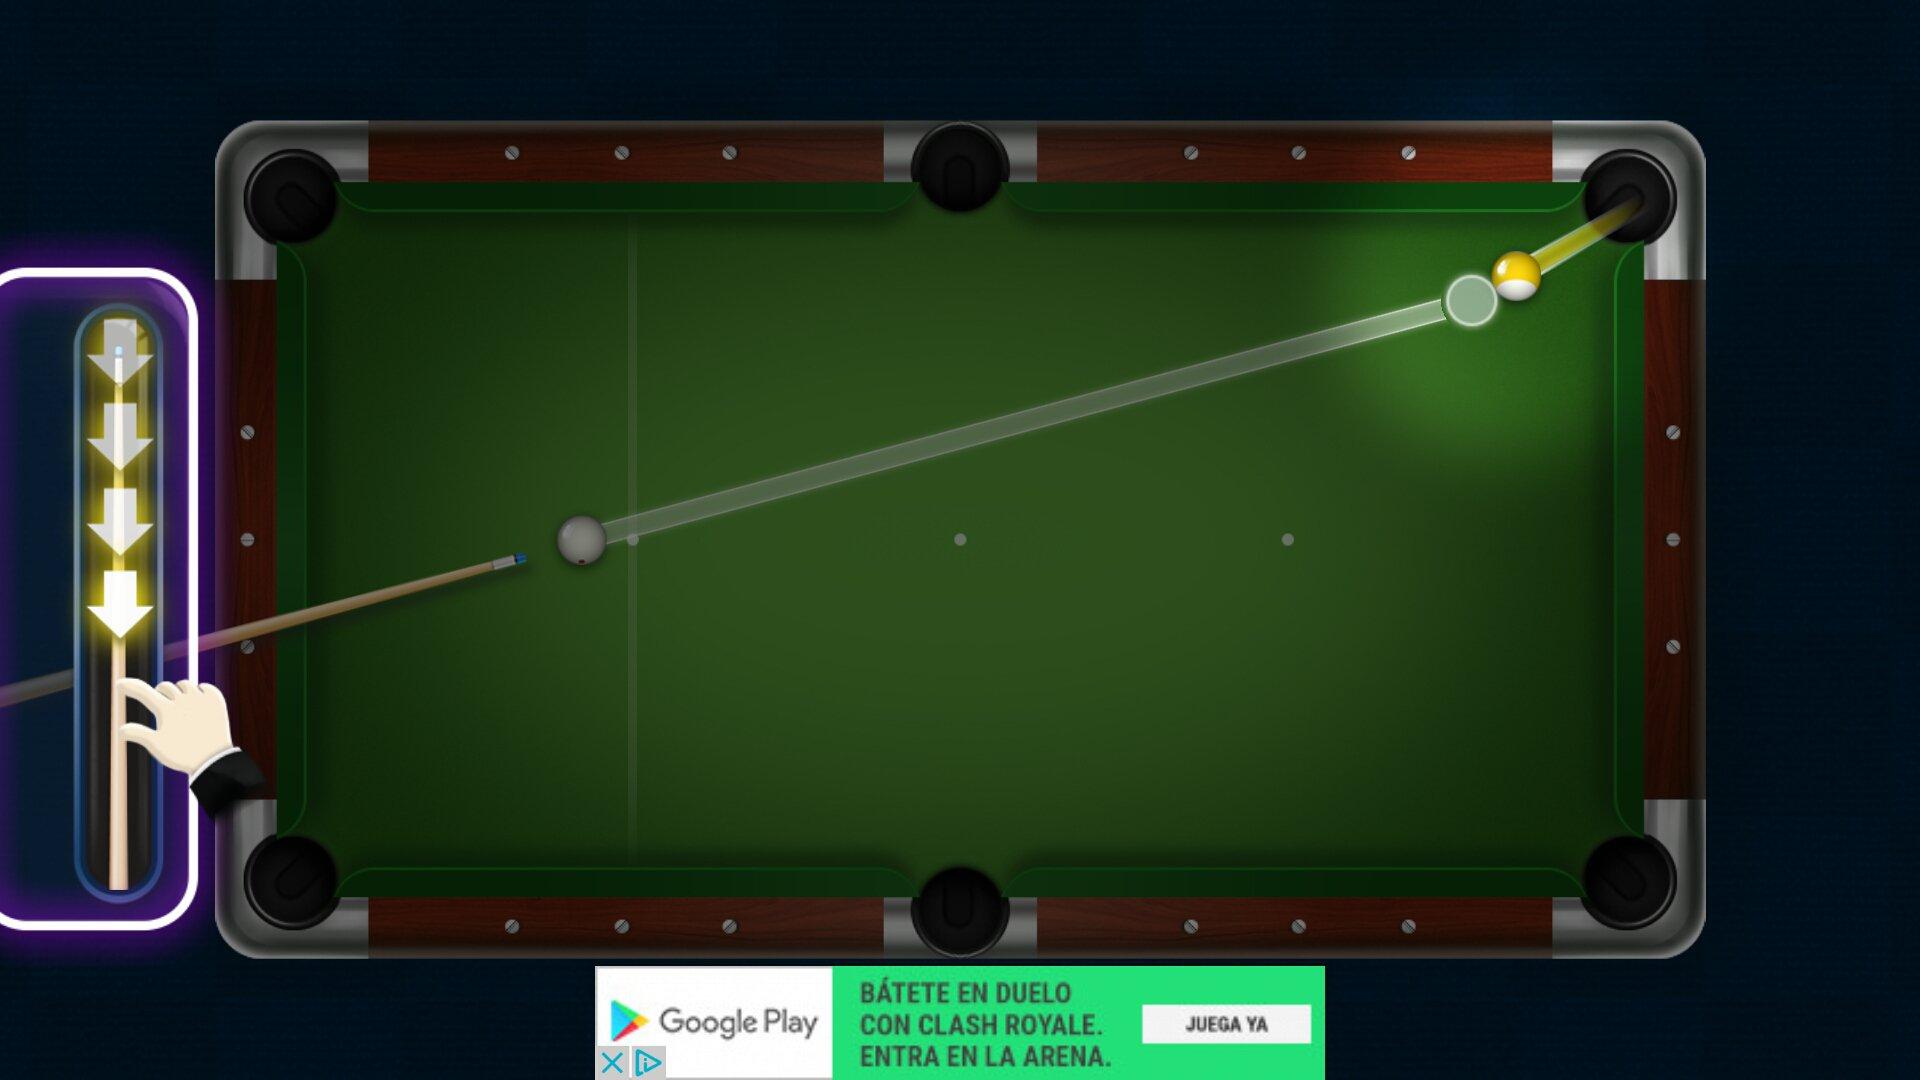 Billiards City 2.12 - Télécharger Pour Android Apk Gratuitement pour Jeux Gratuit Billard